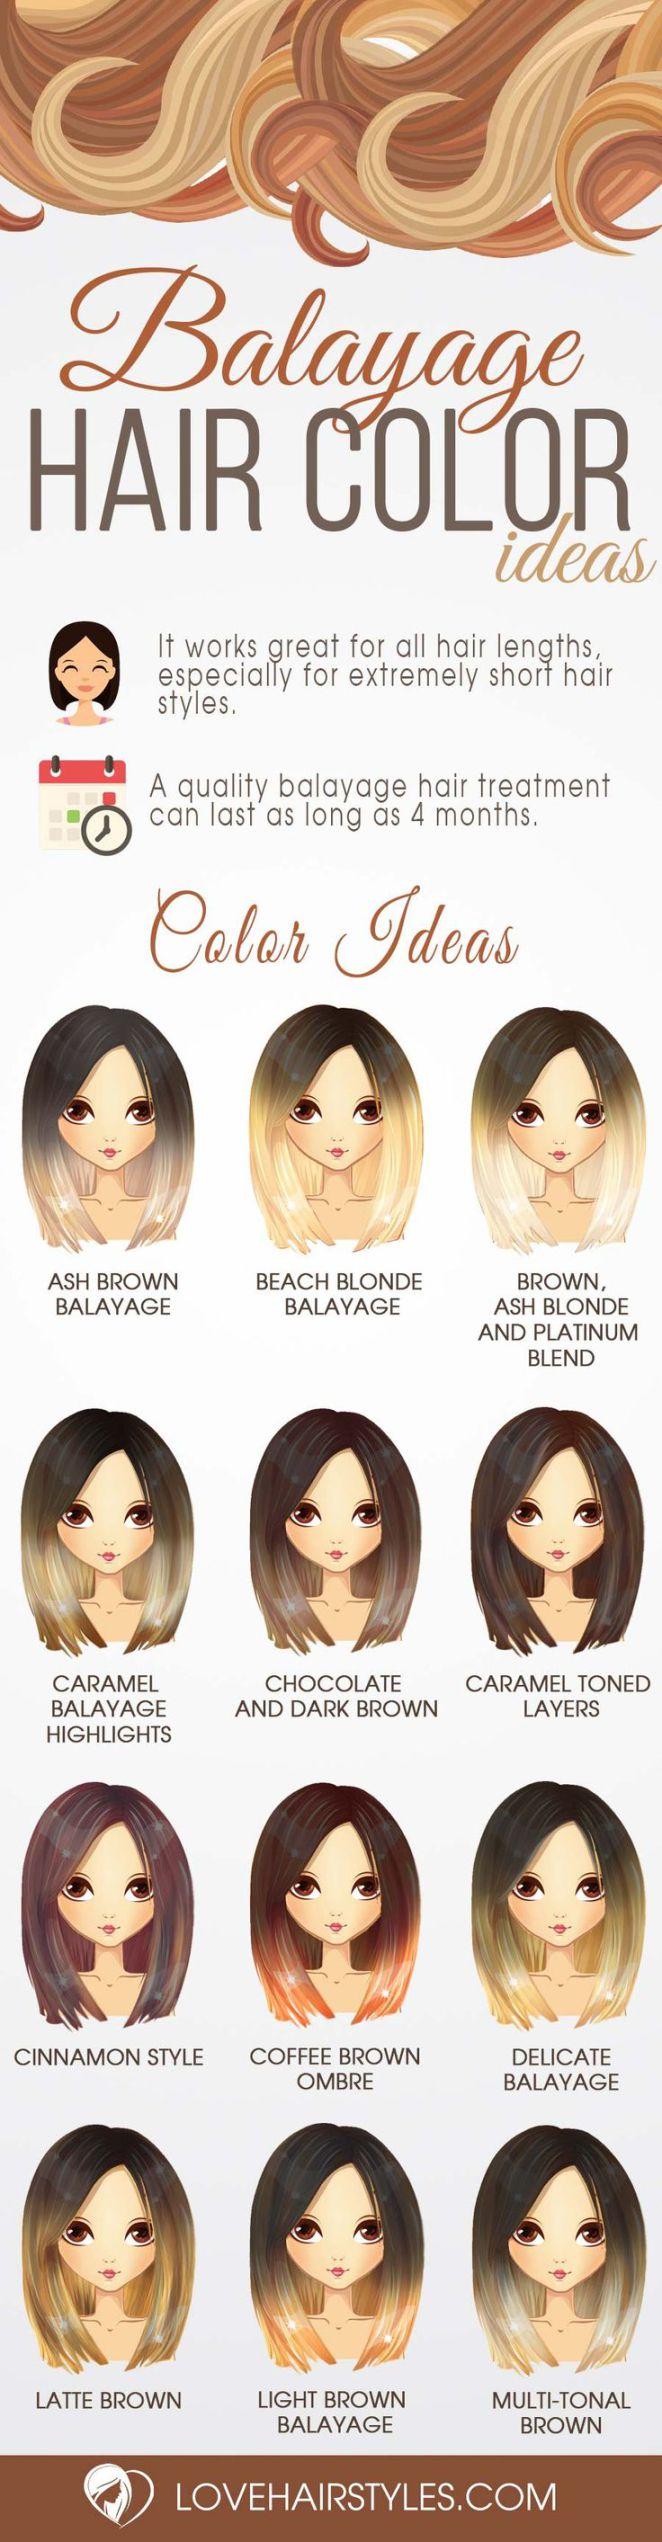 nouvelle tendance coiffures pour femme 2017 2018 balayage id es de couleur de cheveux en. Black Bedroom Furniture Sets. Home Design Ideas